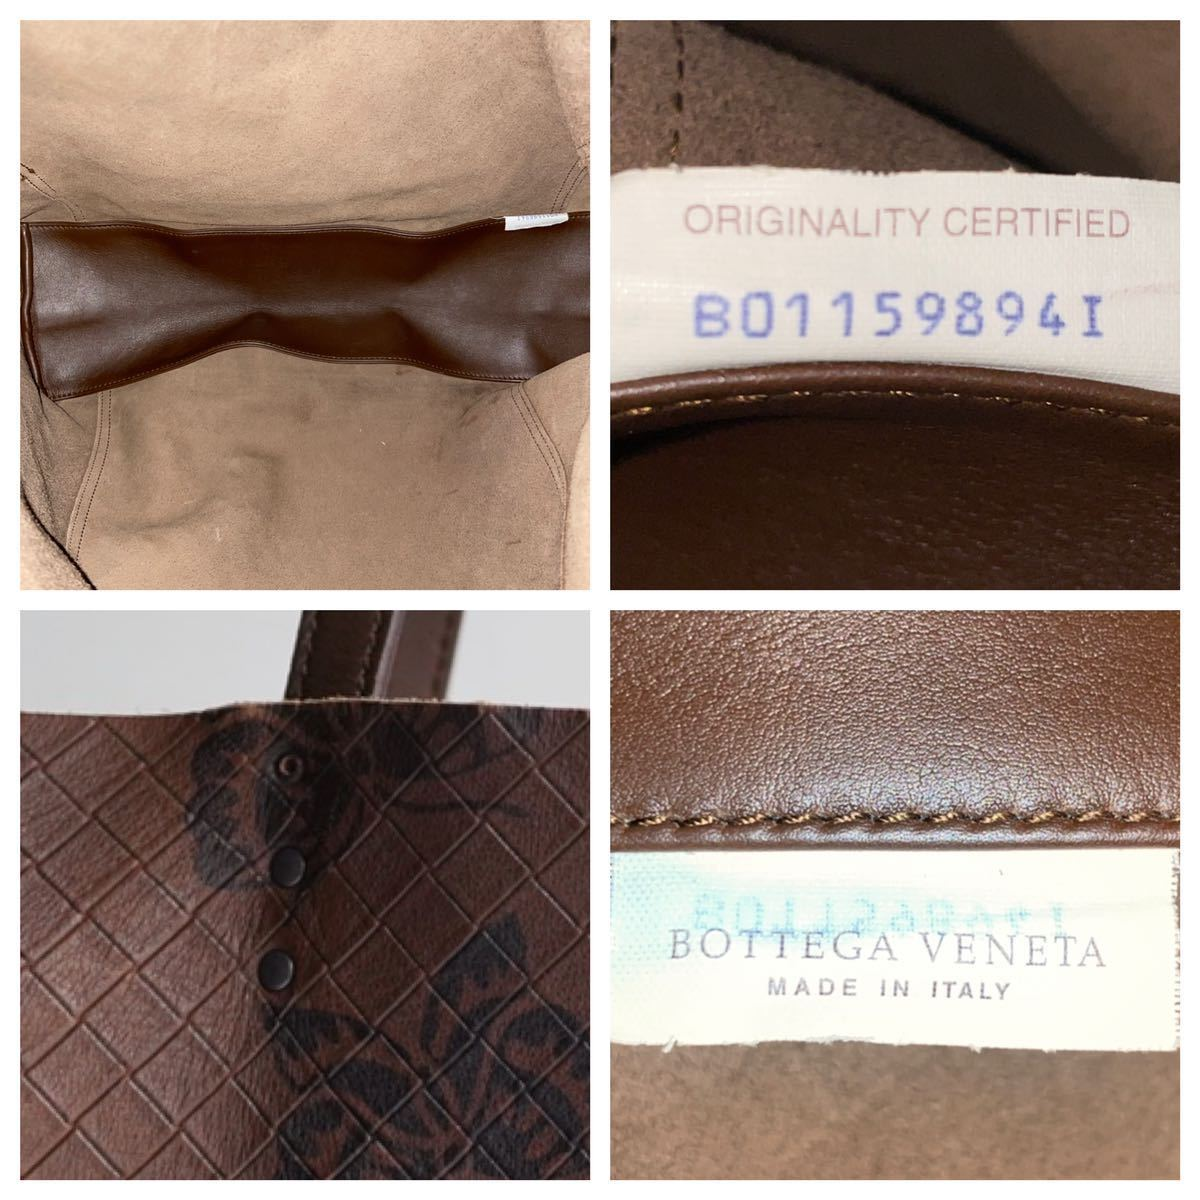 限定品 ボッテガヴェネタ Bottega Veneta バタフライ柄 A4収納 PC収納 トートバッグ バッグ 茶 ブラウン ブラック メンズバッグ 革 _画像10